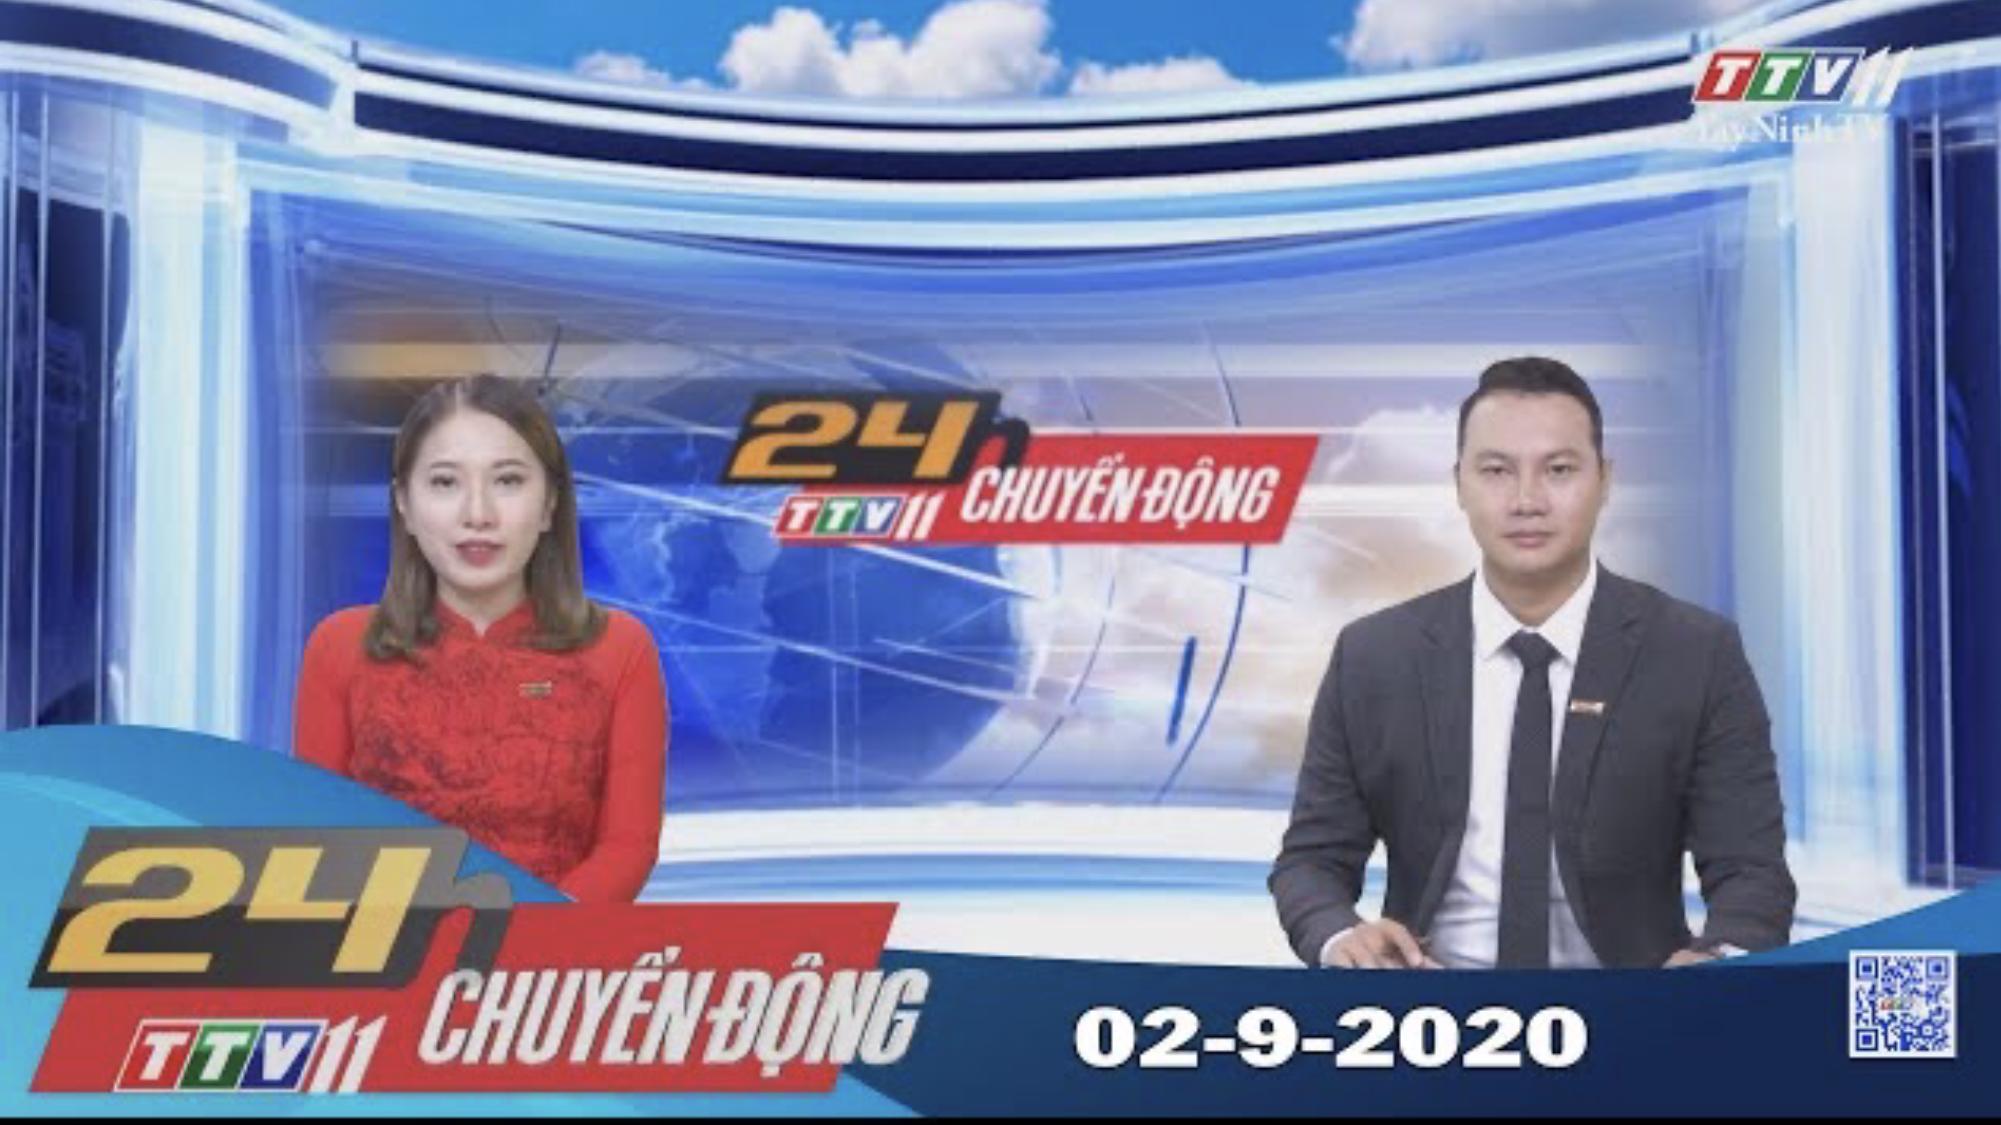 24h Chuyển động 02-9-2020 | Tin tức hôm nay | TayNinhTV